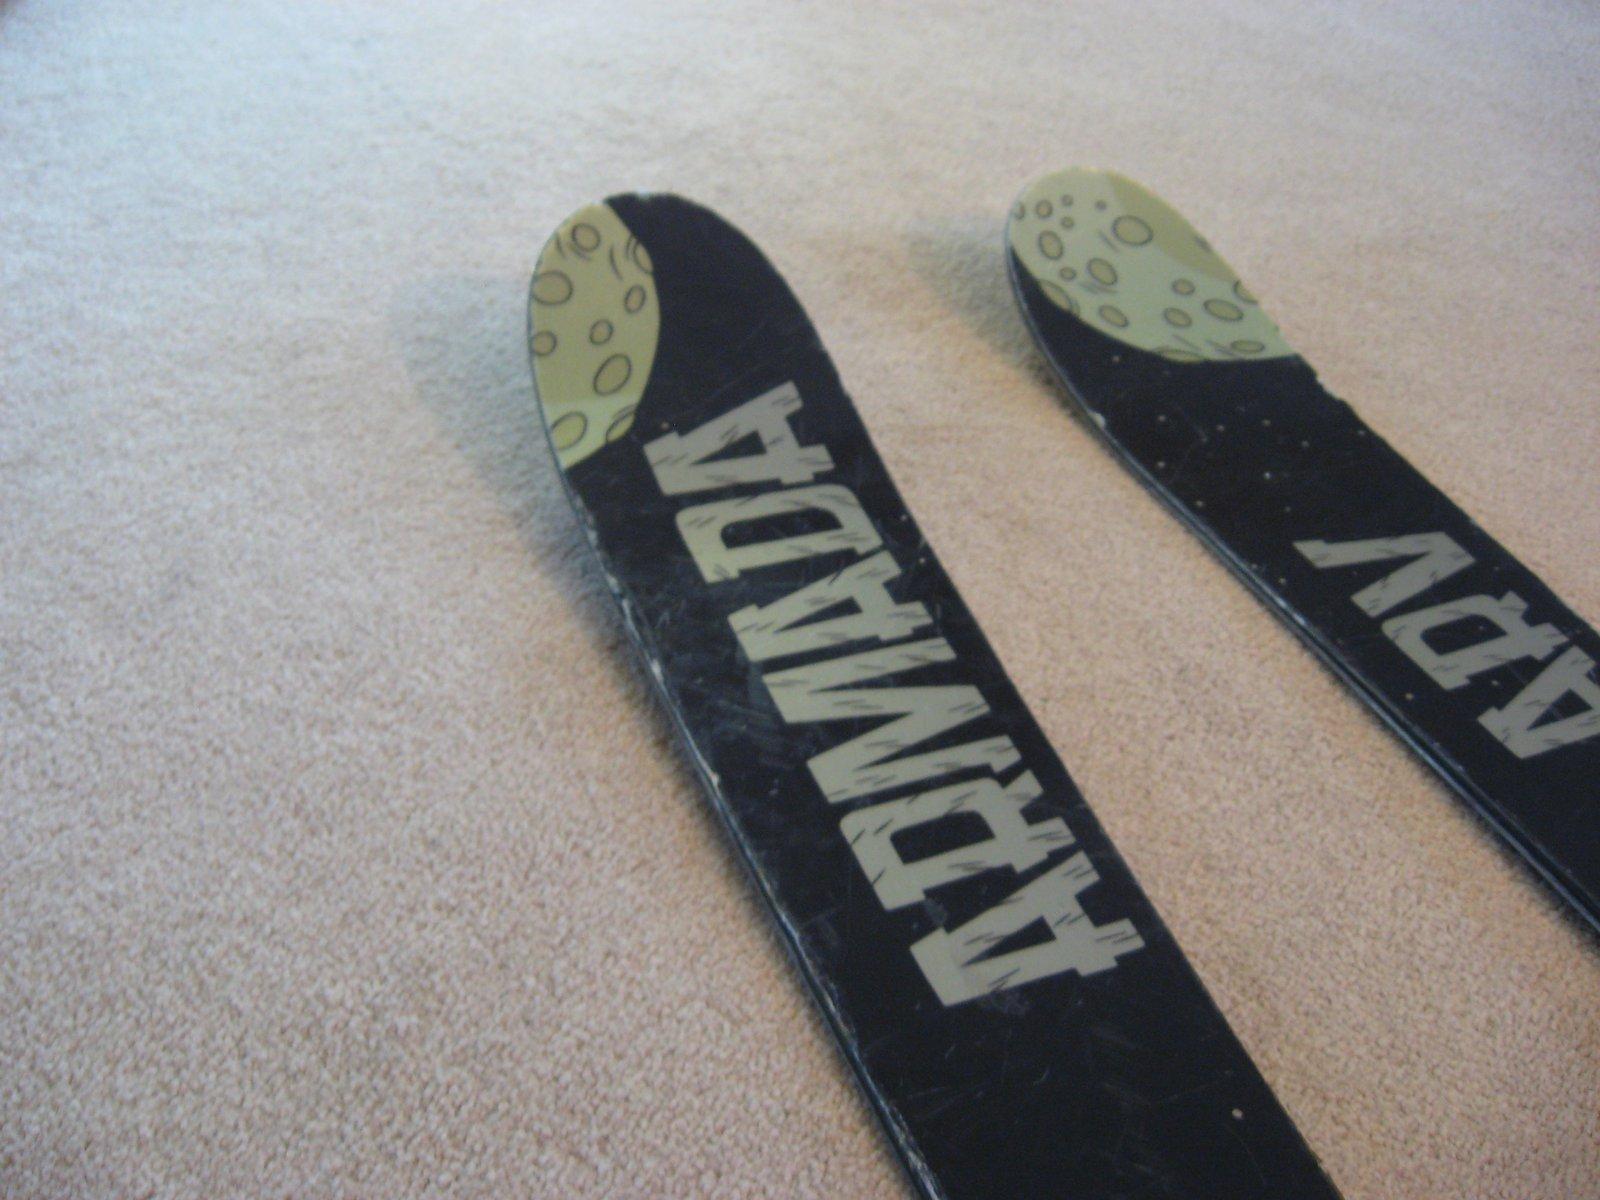 Tips...left ski is rockered